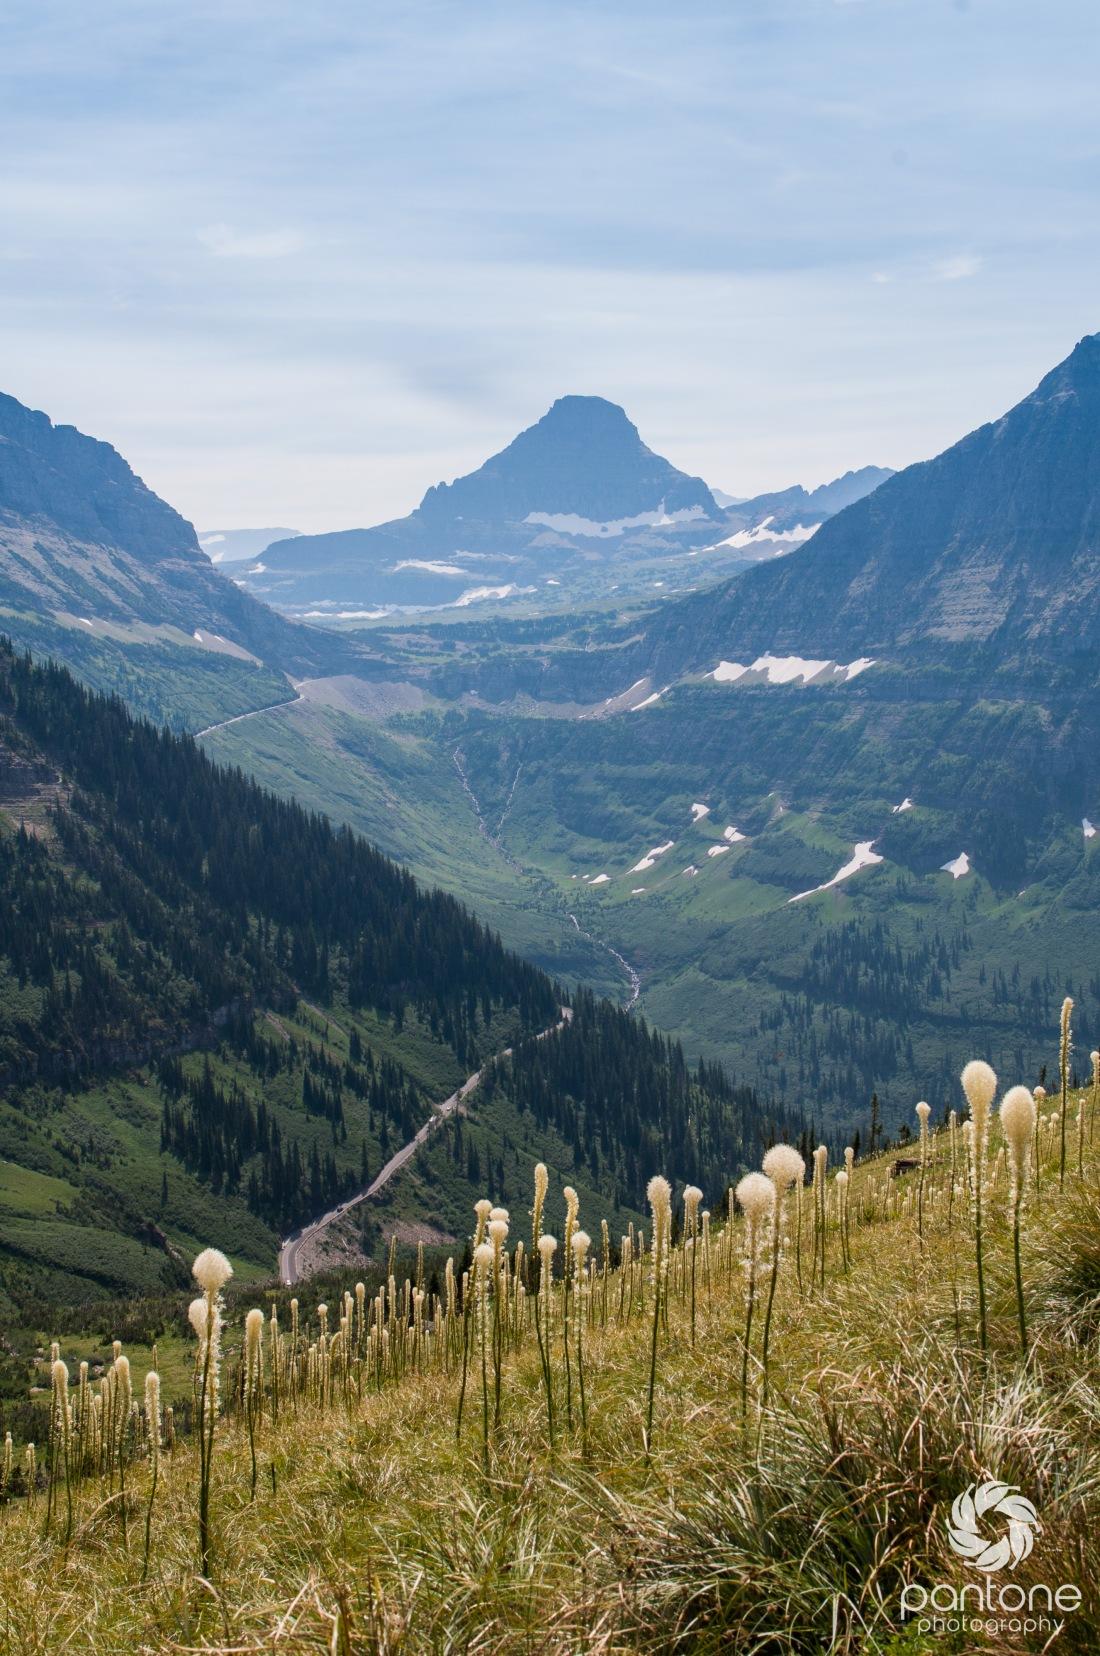 Highland Trail at Glacier National Park